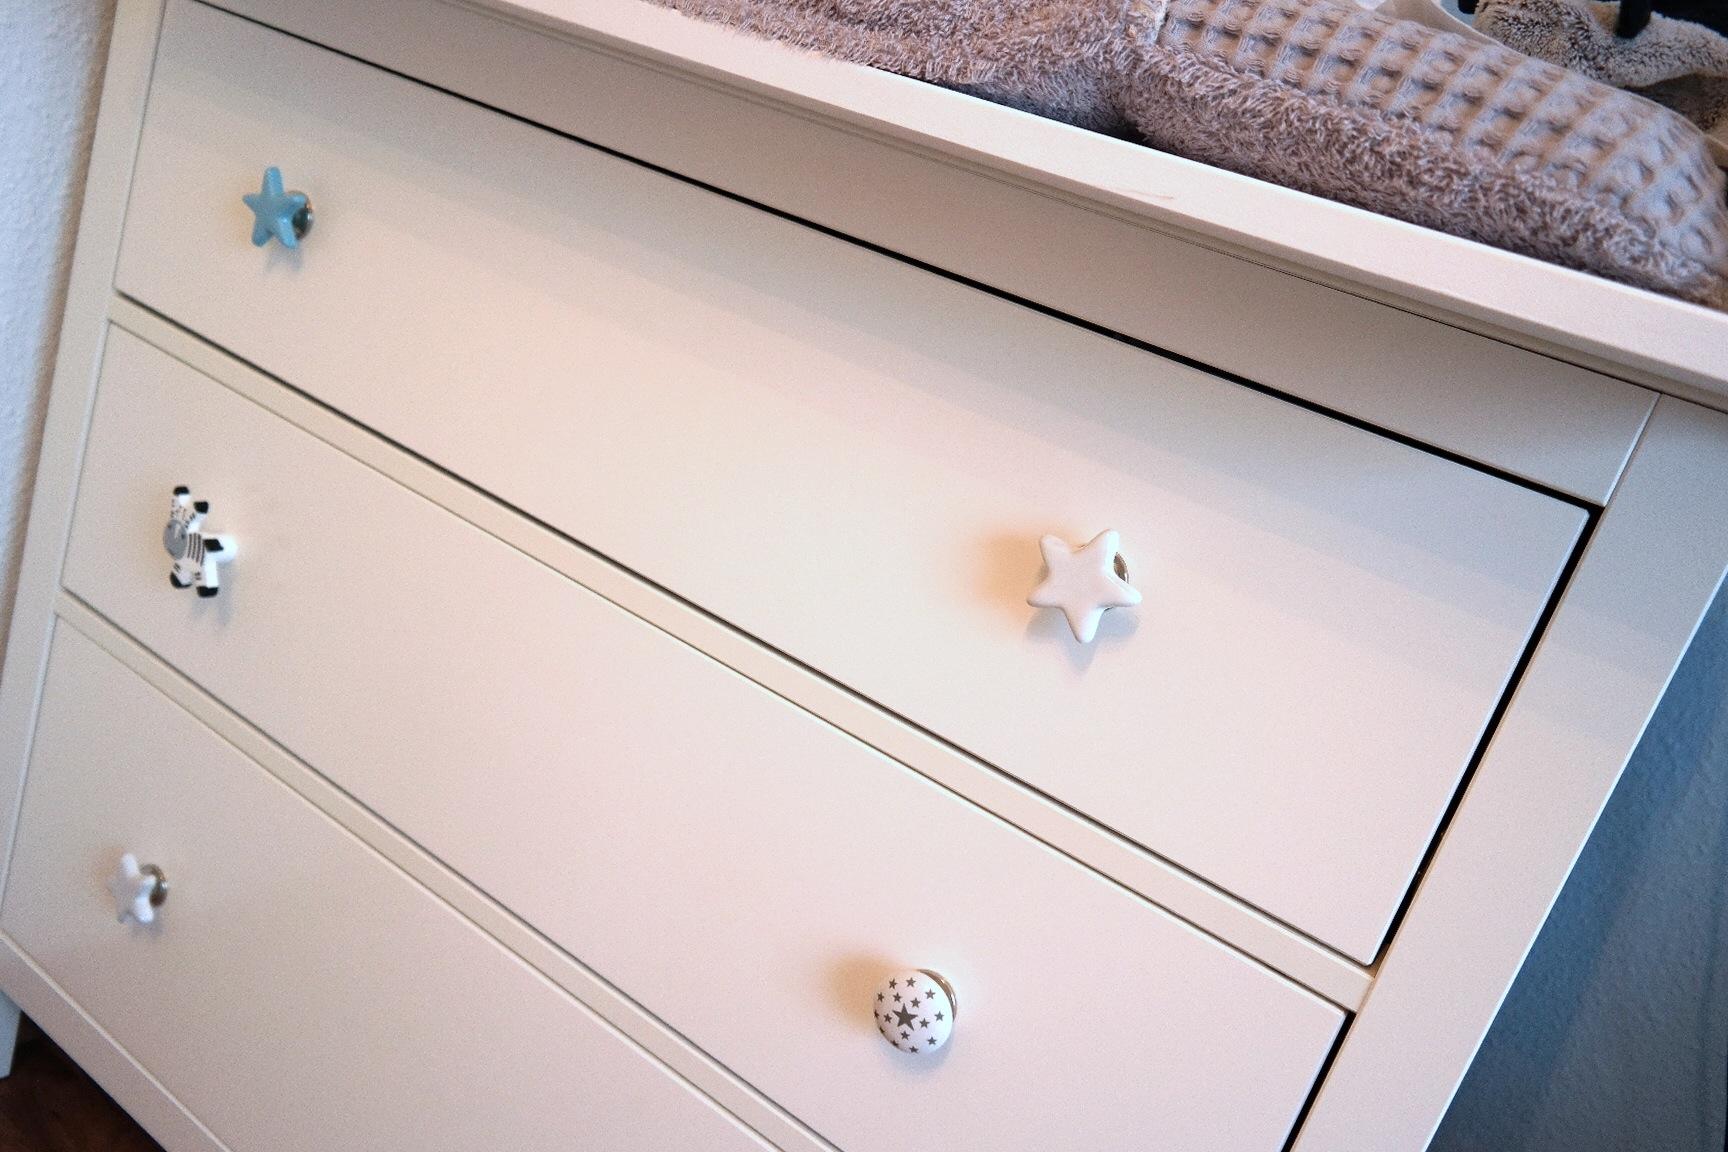 Ikea Hemnes wickelauflage erstaustattung Babyzimemmer kinderzimmer ...